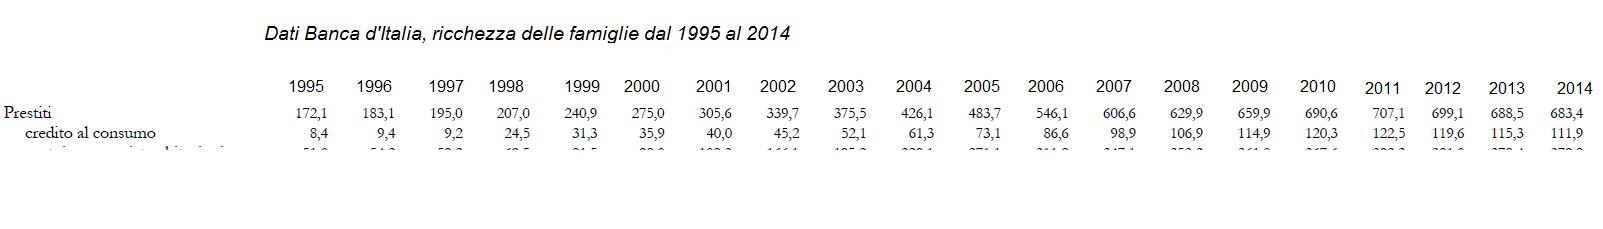 prestiti personali 1995 2014